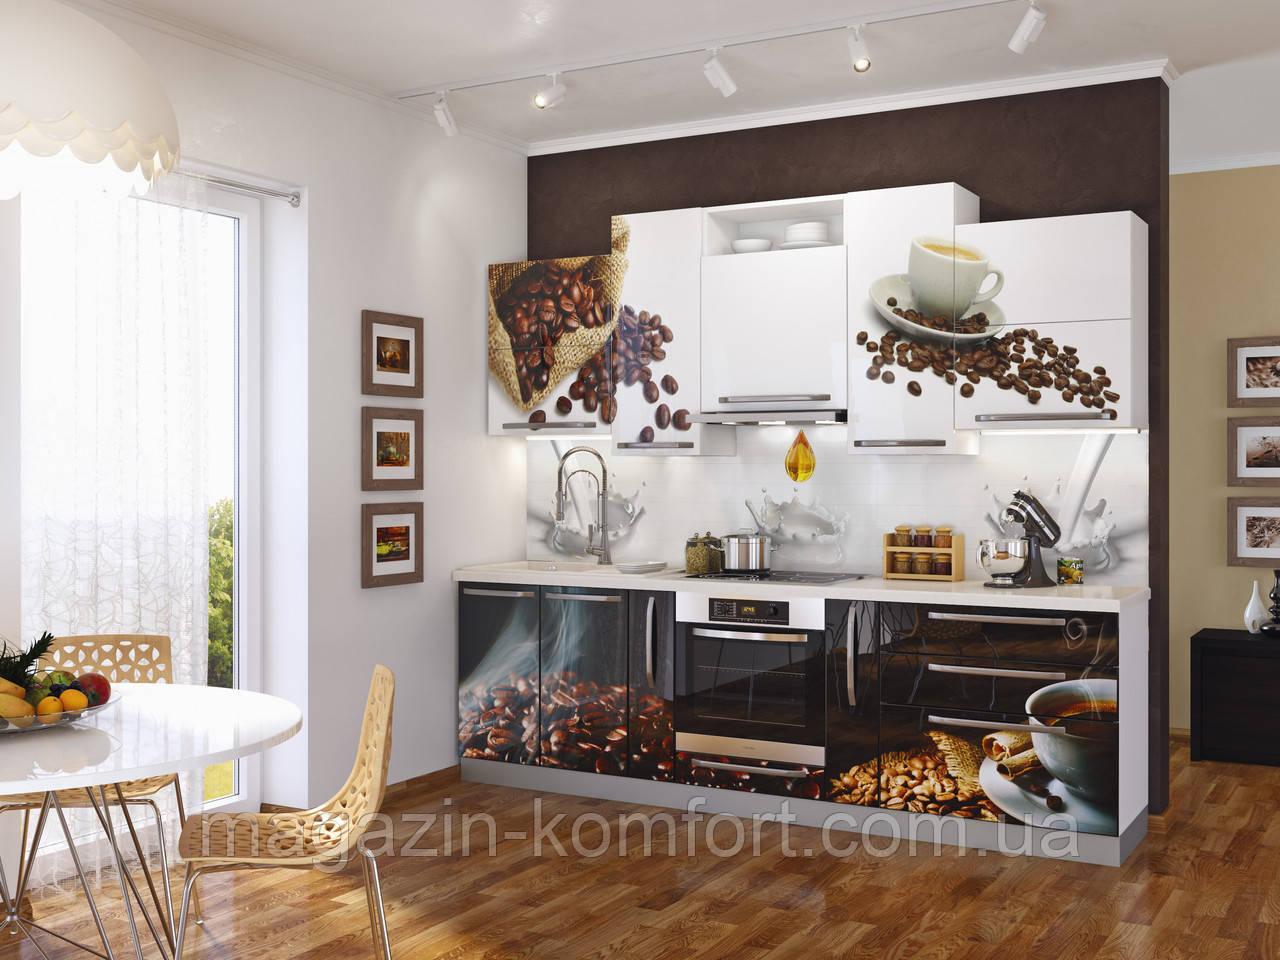 Кухня Кофе (МДФ +УФ печать) 2,6м